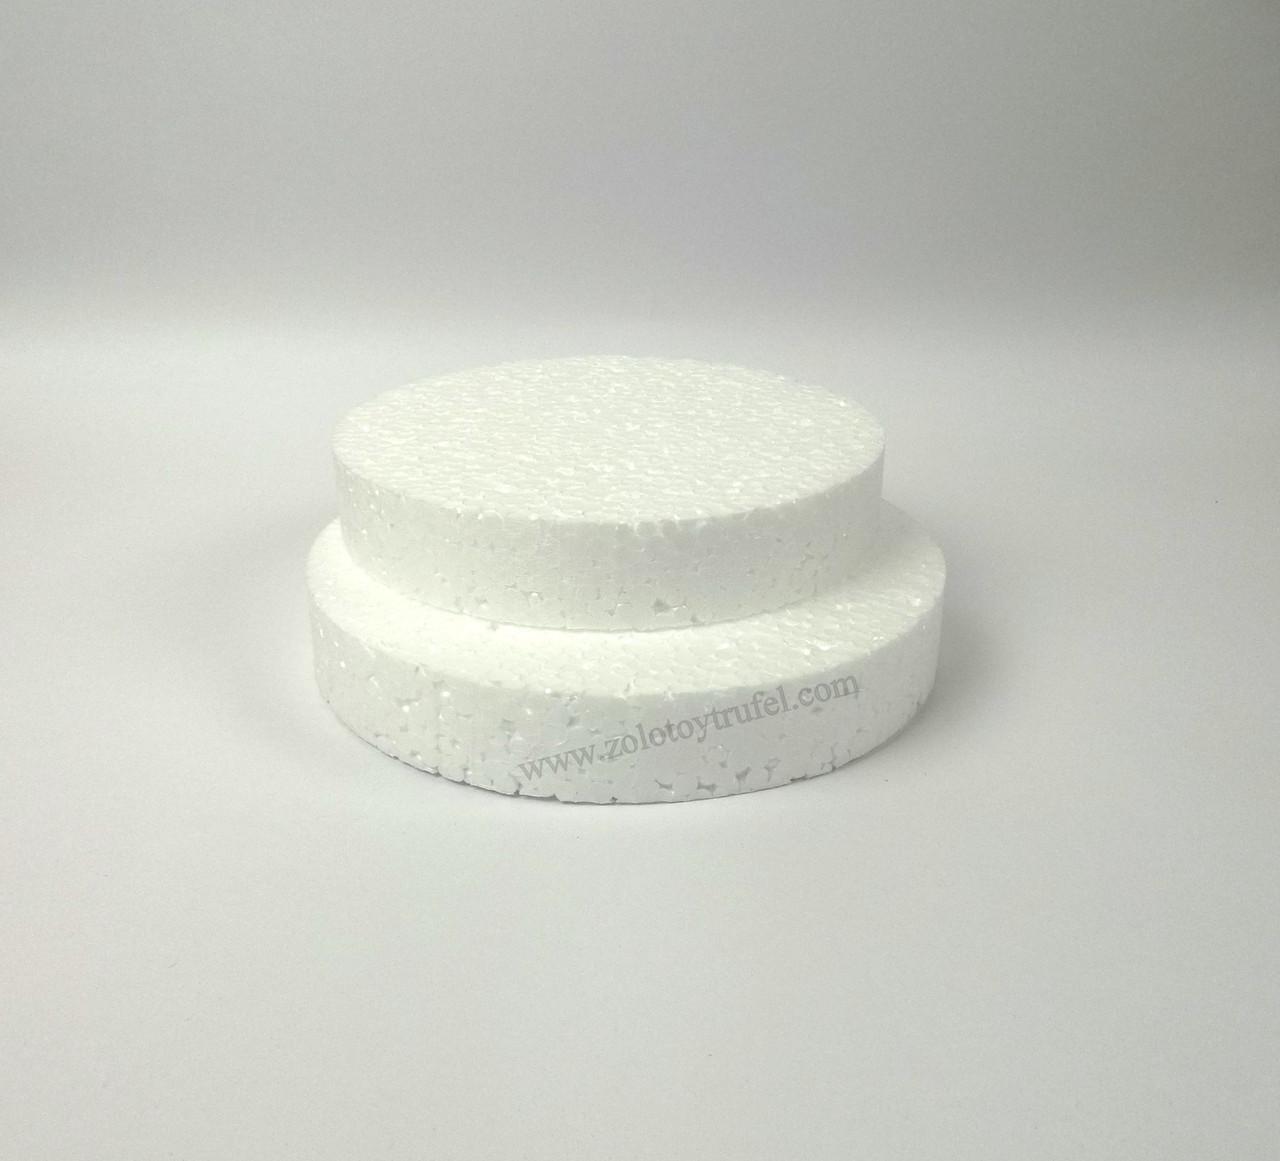 Прослойка пенопластовая для торта d 8 см h 3 см